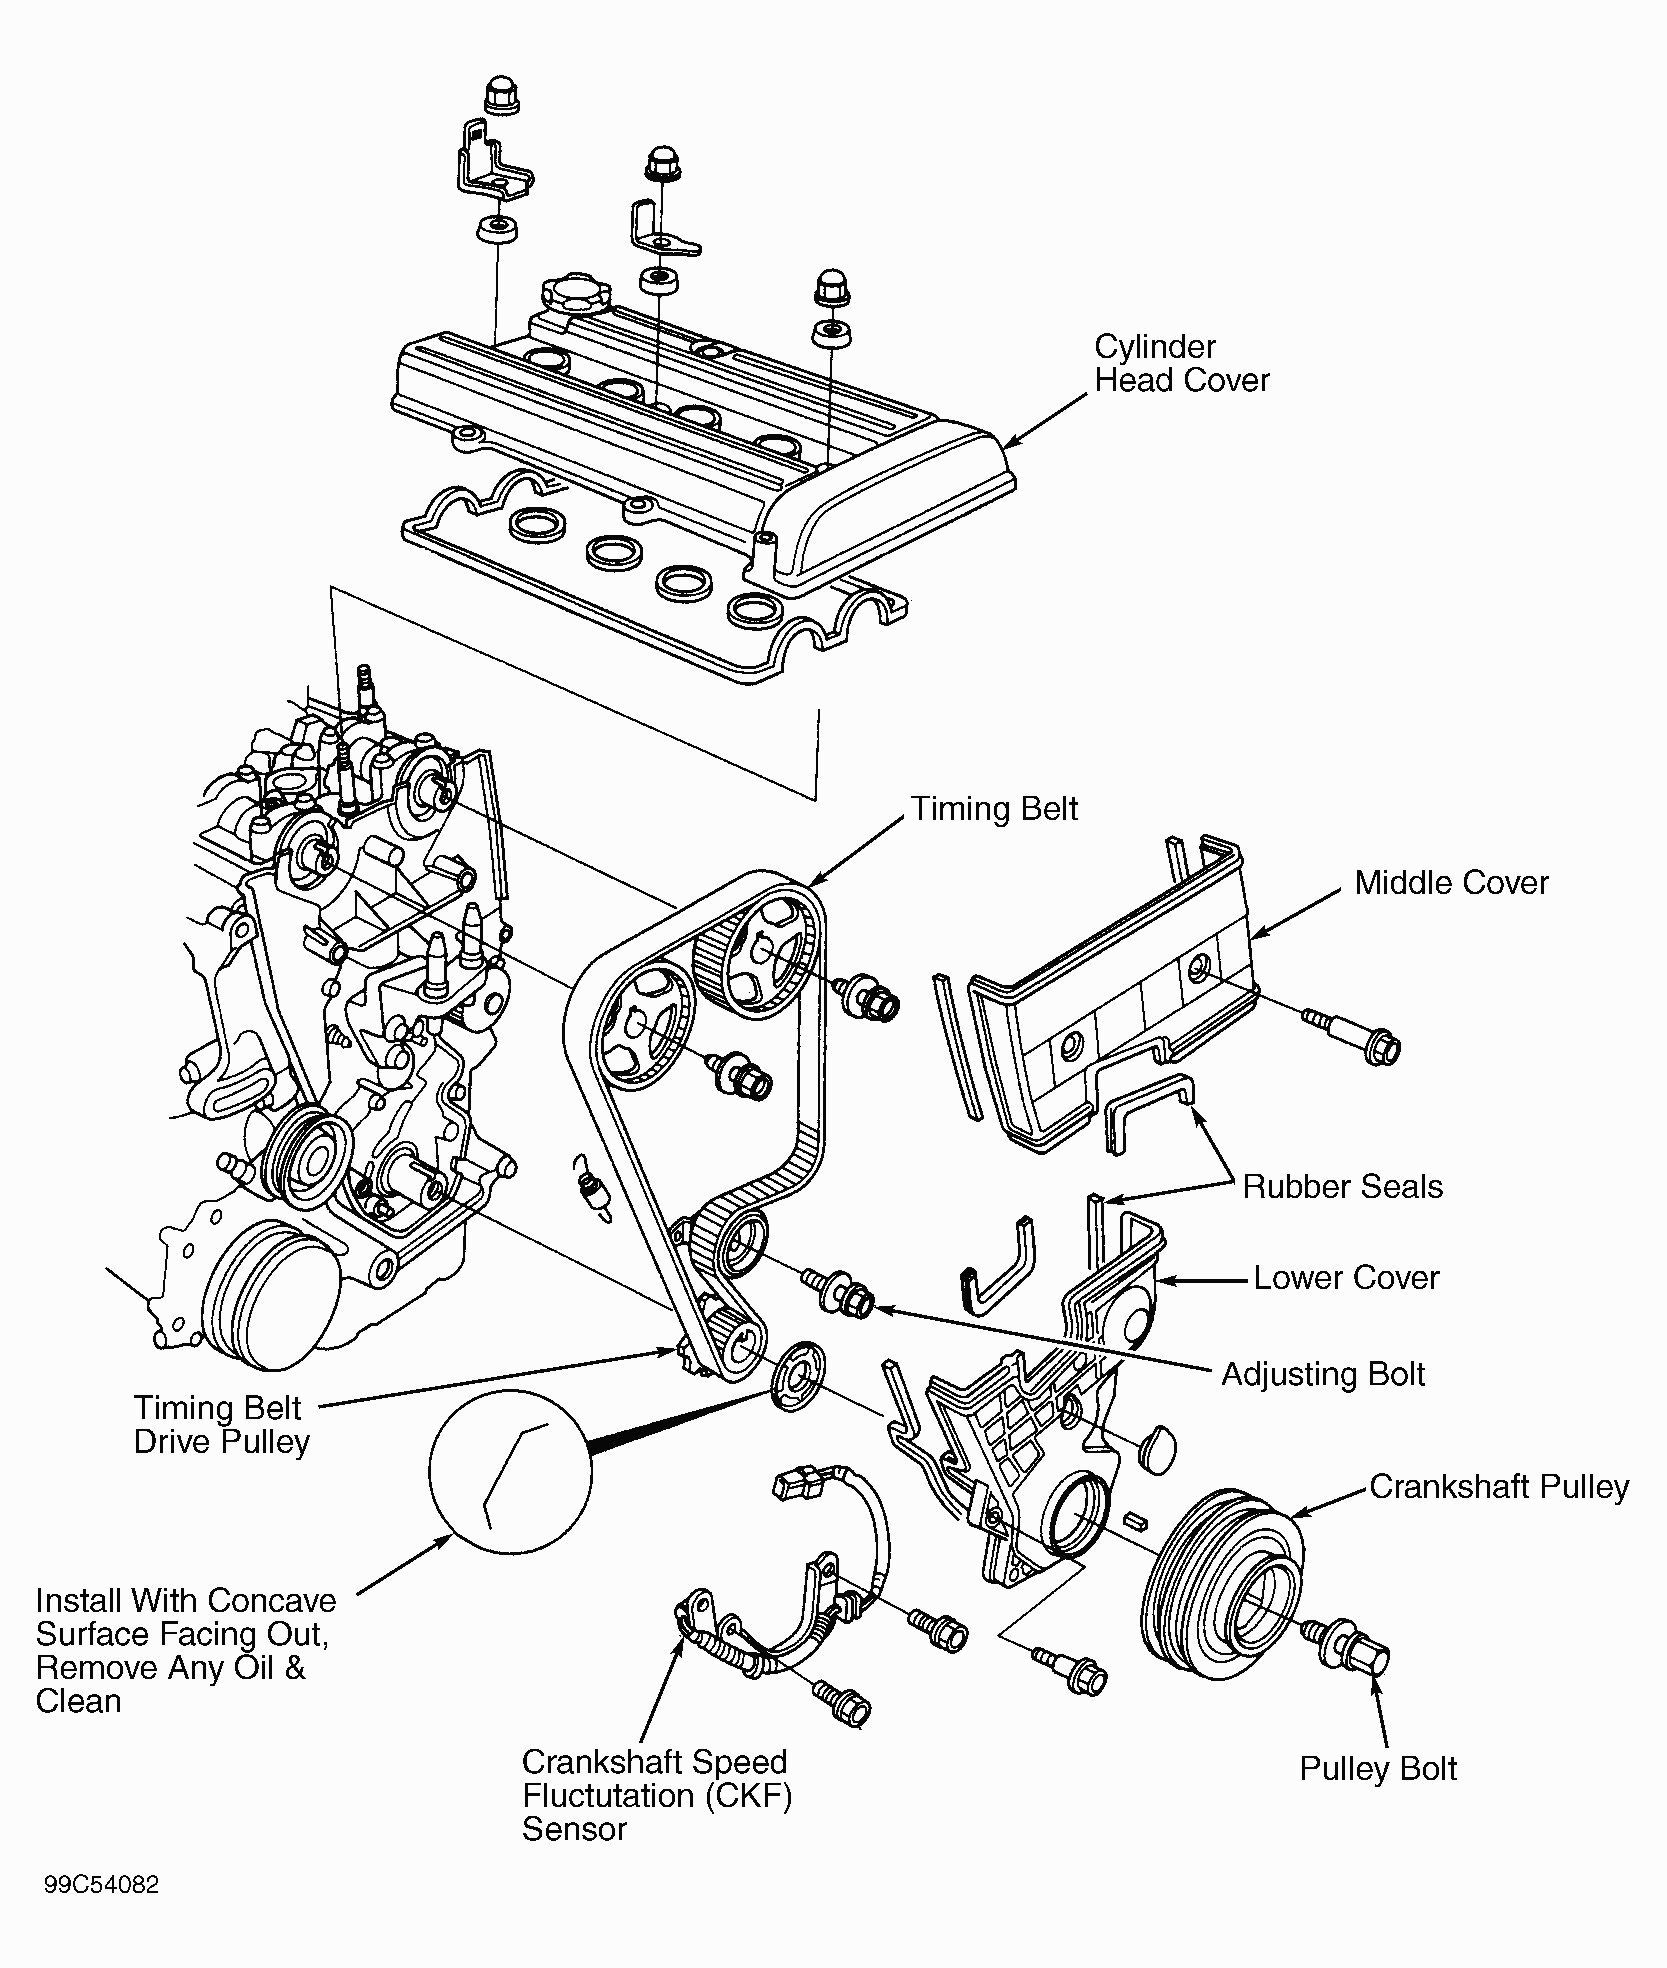 2001 Honda Civic Ex Engine Diagram 2008 Honda Civic Engine Diagram Oil Honda Wiring Diagrams Instructions Of 2001 Honda Civic Ex Engine Diagram